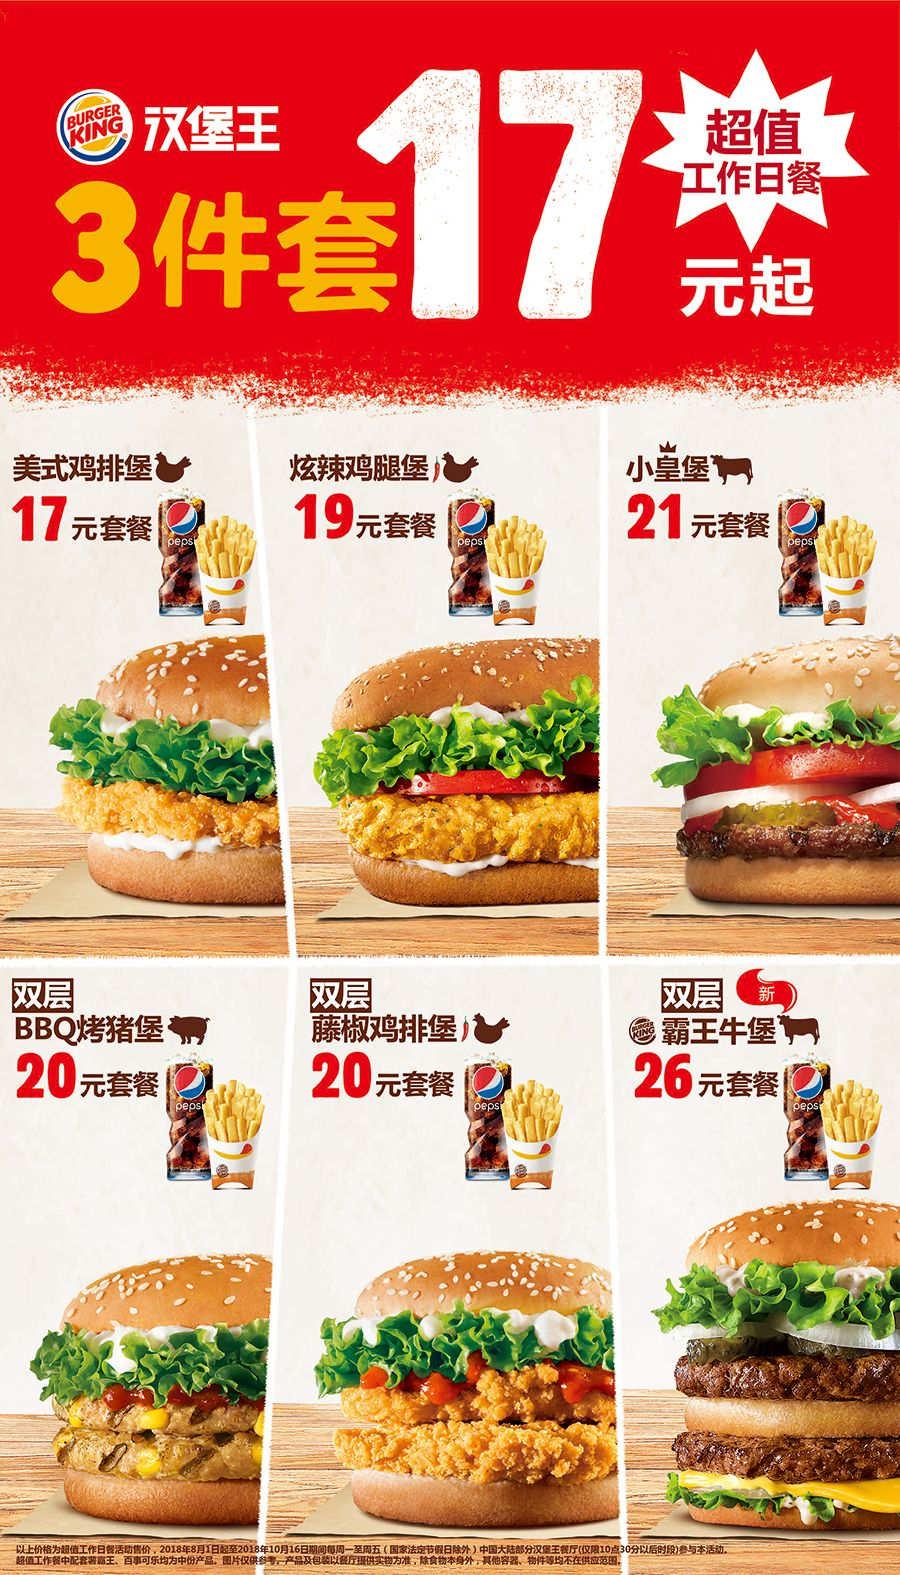 汉堡王超值工作日餐17元起,套餐含汉堡+薯条+饮料3件套